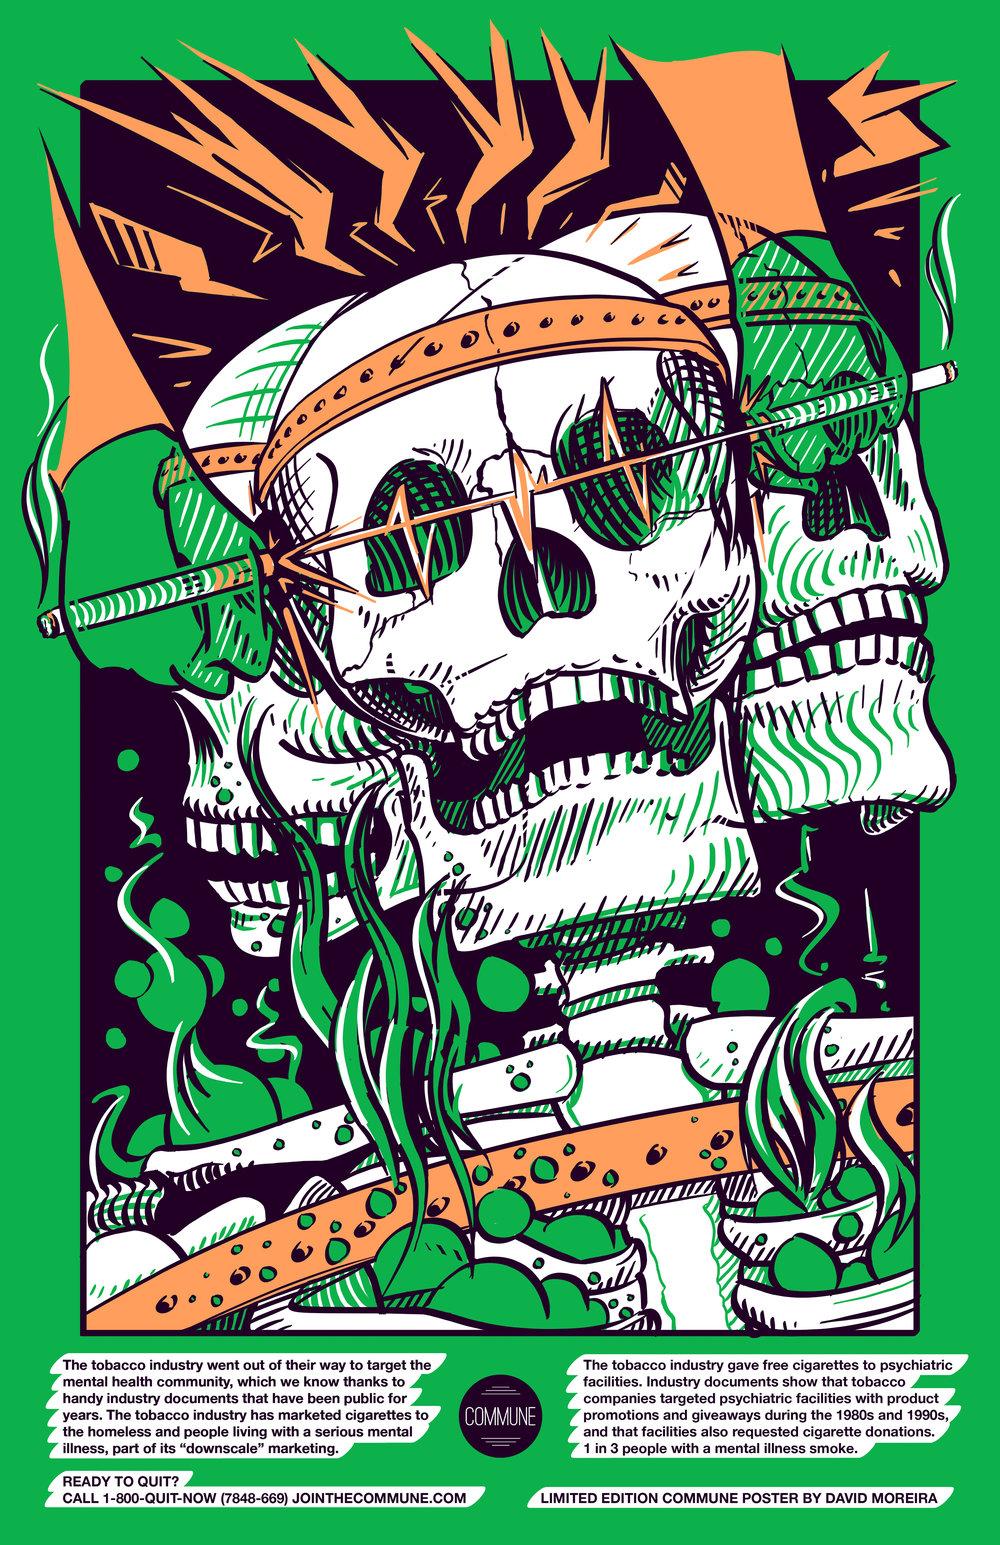 David Moreira JPEG Poster.jpg